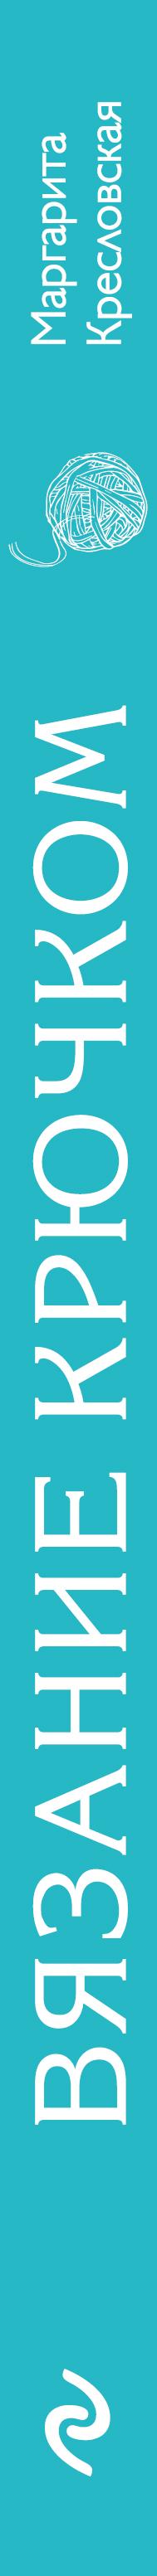 Вязание крючком. Самое полное и понятное пошаговое руководство для начинающих. Новейшая энциклопедия